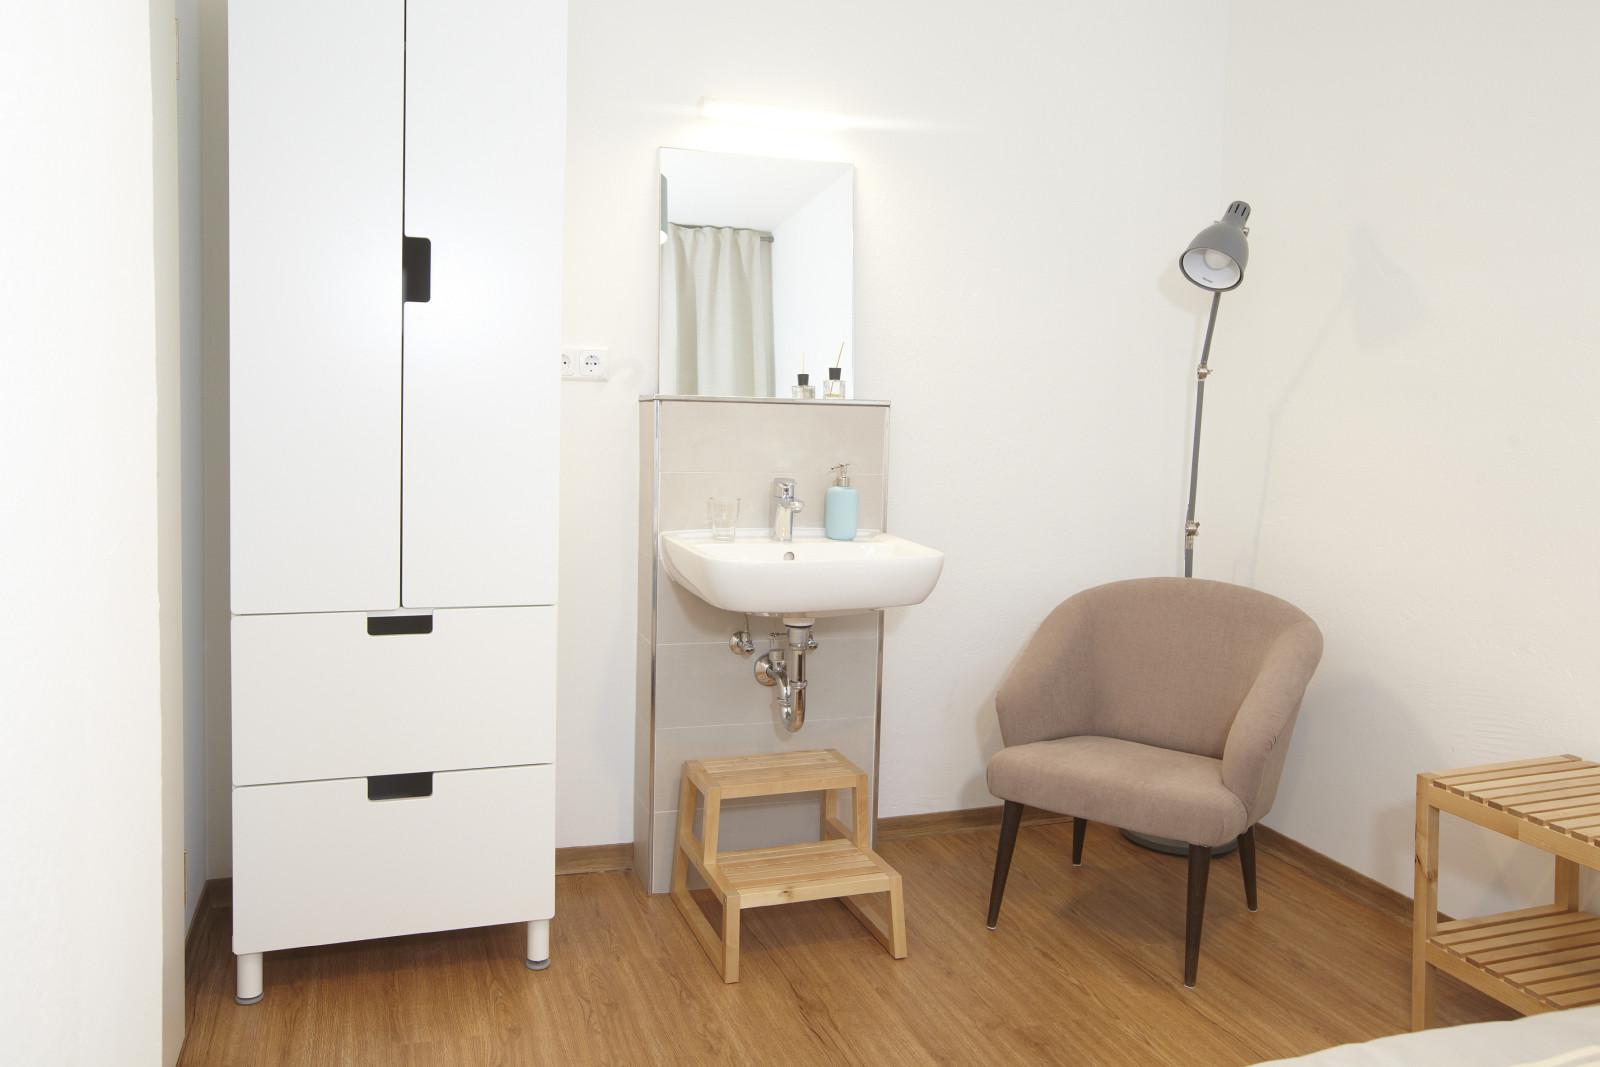 zimmer 1 salzquartier hostel l neburg. Black Bedroom Furniture Sets. Home Design Ideas